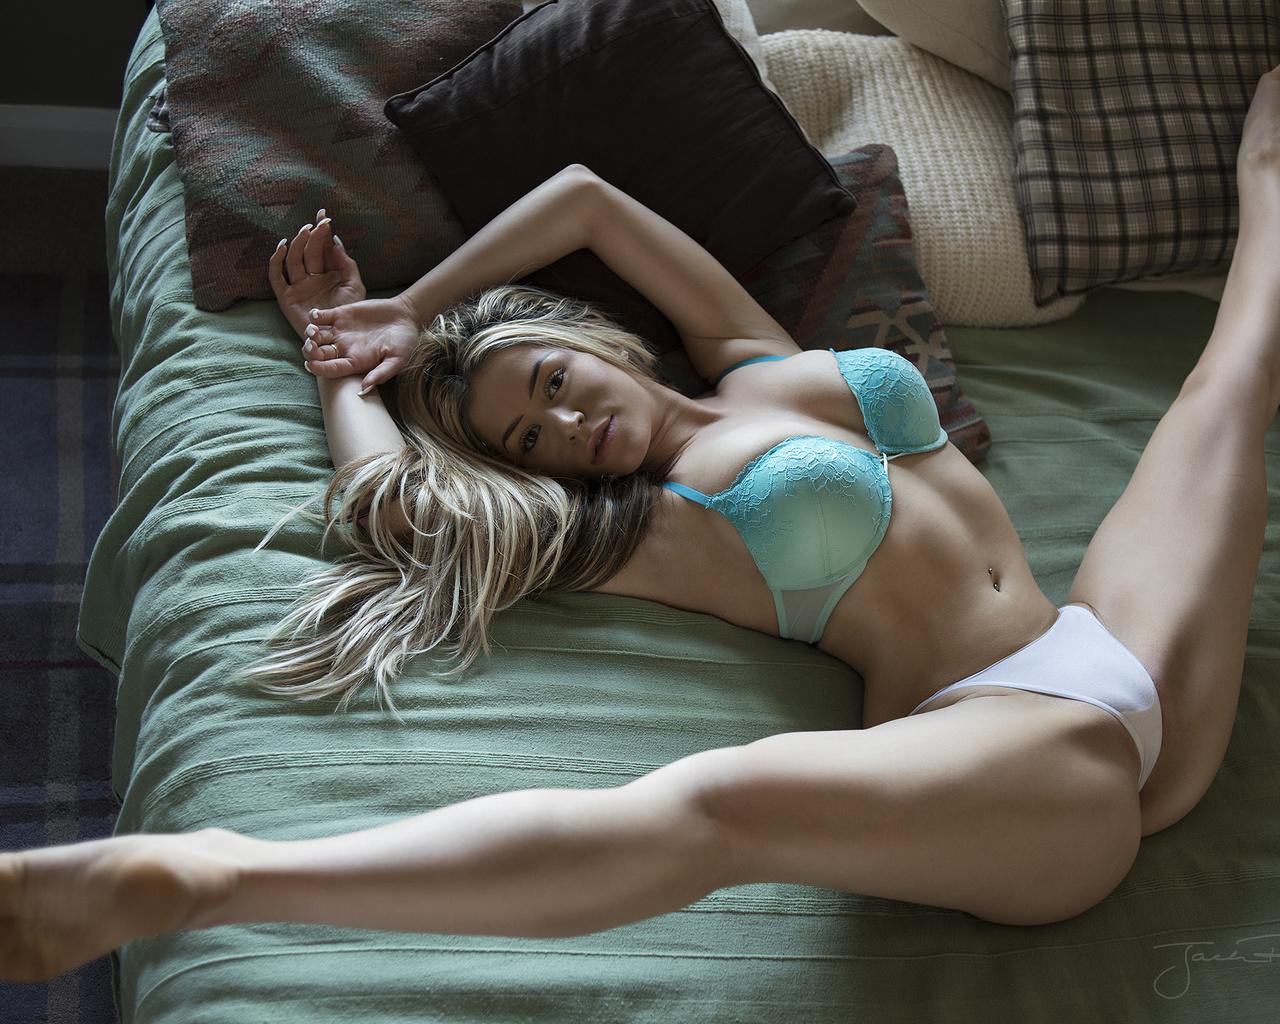 Фото голых раздвинутых, Шикарные бабы с раздвинутыми ногами порно фото 25 фотография